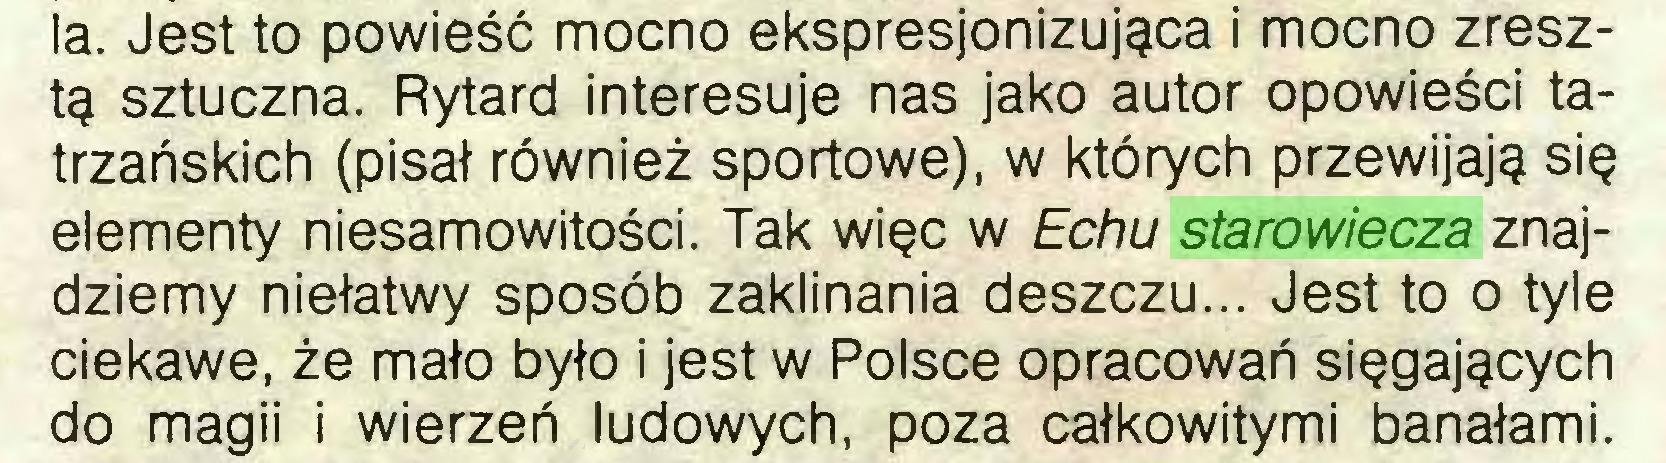 (...) la. Jest to powieść mocno ekspresjonizująca i mocno zresztą sztuczna. Rytard interesuje nas jako autor opowieści tatrzańskich (pisał również sportowe), w których przewijają się elementy niesamowitości. Tak więc w Echu starowiecza znajdziemy niełatwy sposób zaklinania deszczu... Jest to o tyle ciekawe, że mało było i jest w Polsce opracowań sięgających do magii i wierzeń ludowych, poza całkowitymi banałami...